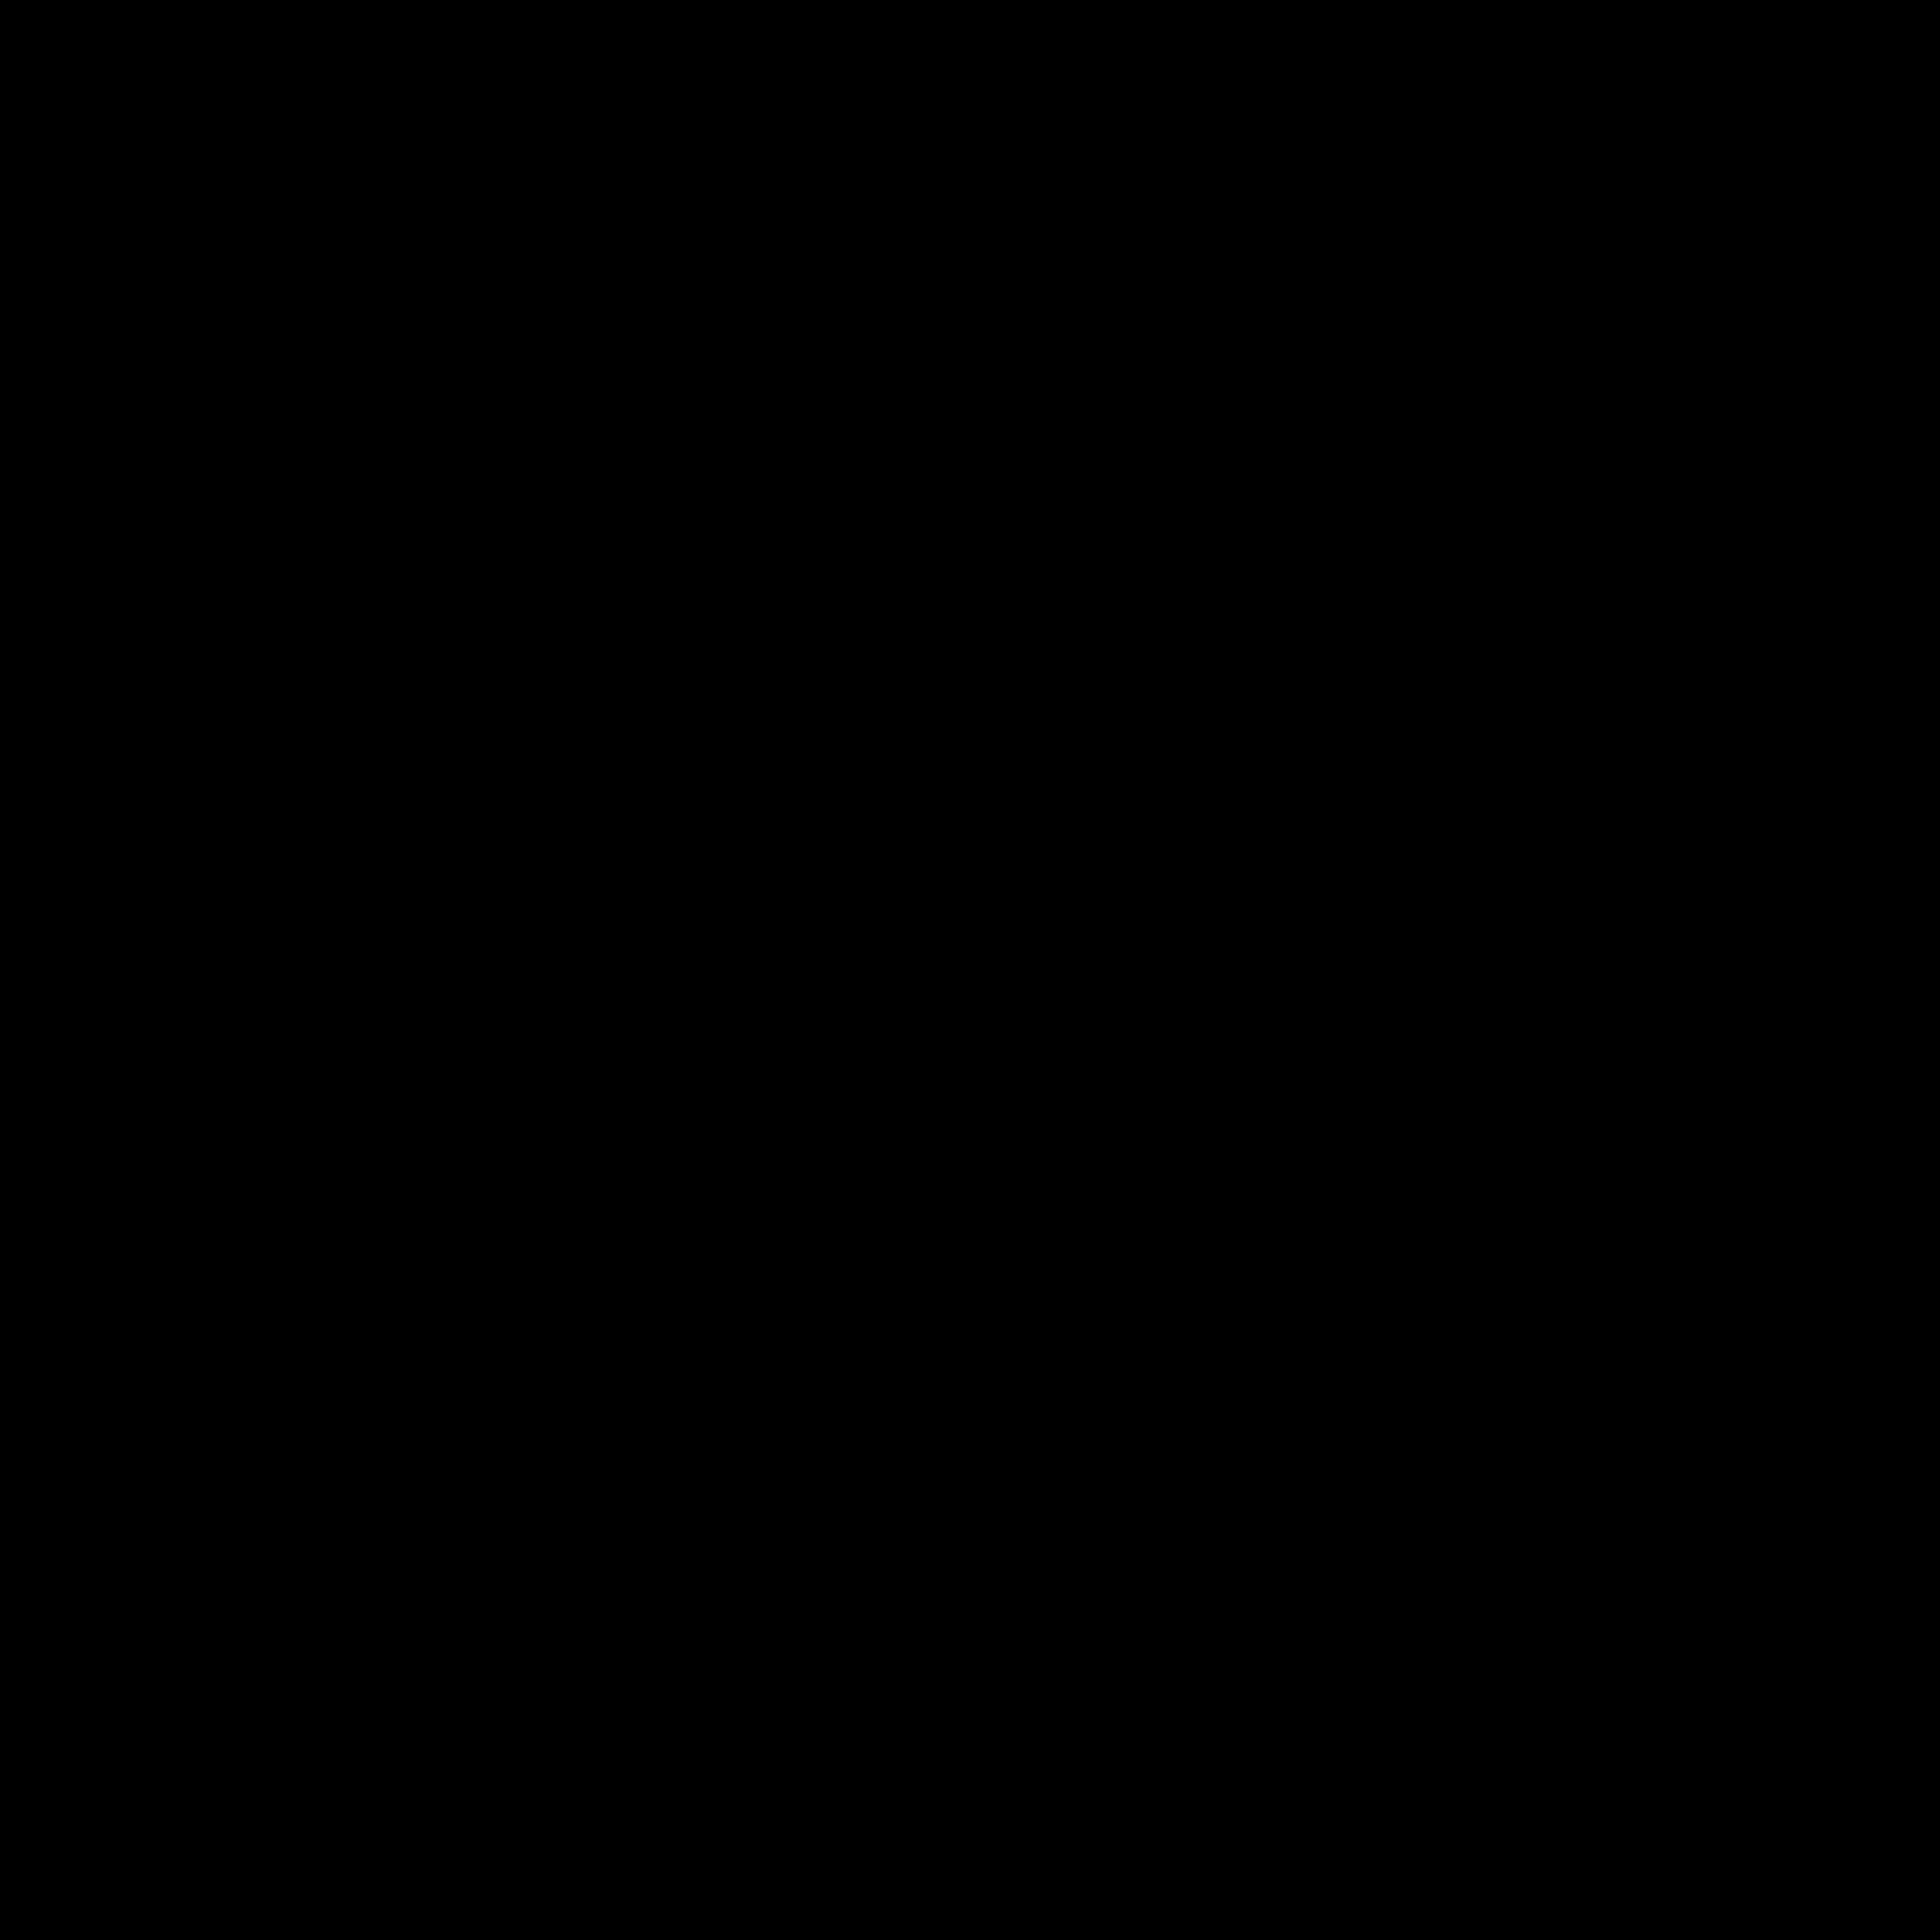 Psychology images the greek letter psi a symbol for psychology psychology images the greek letter psi a symbol for psychology buycottarizona Choice Image